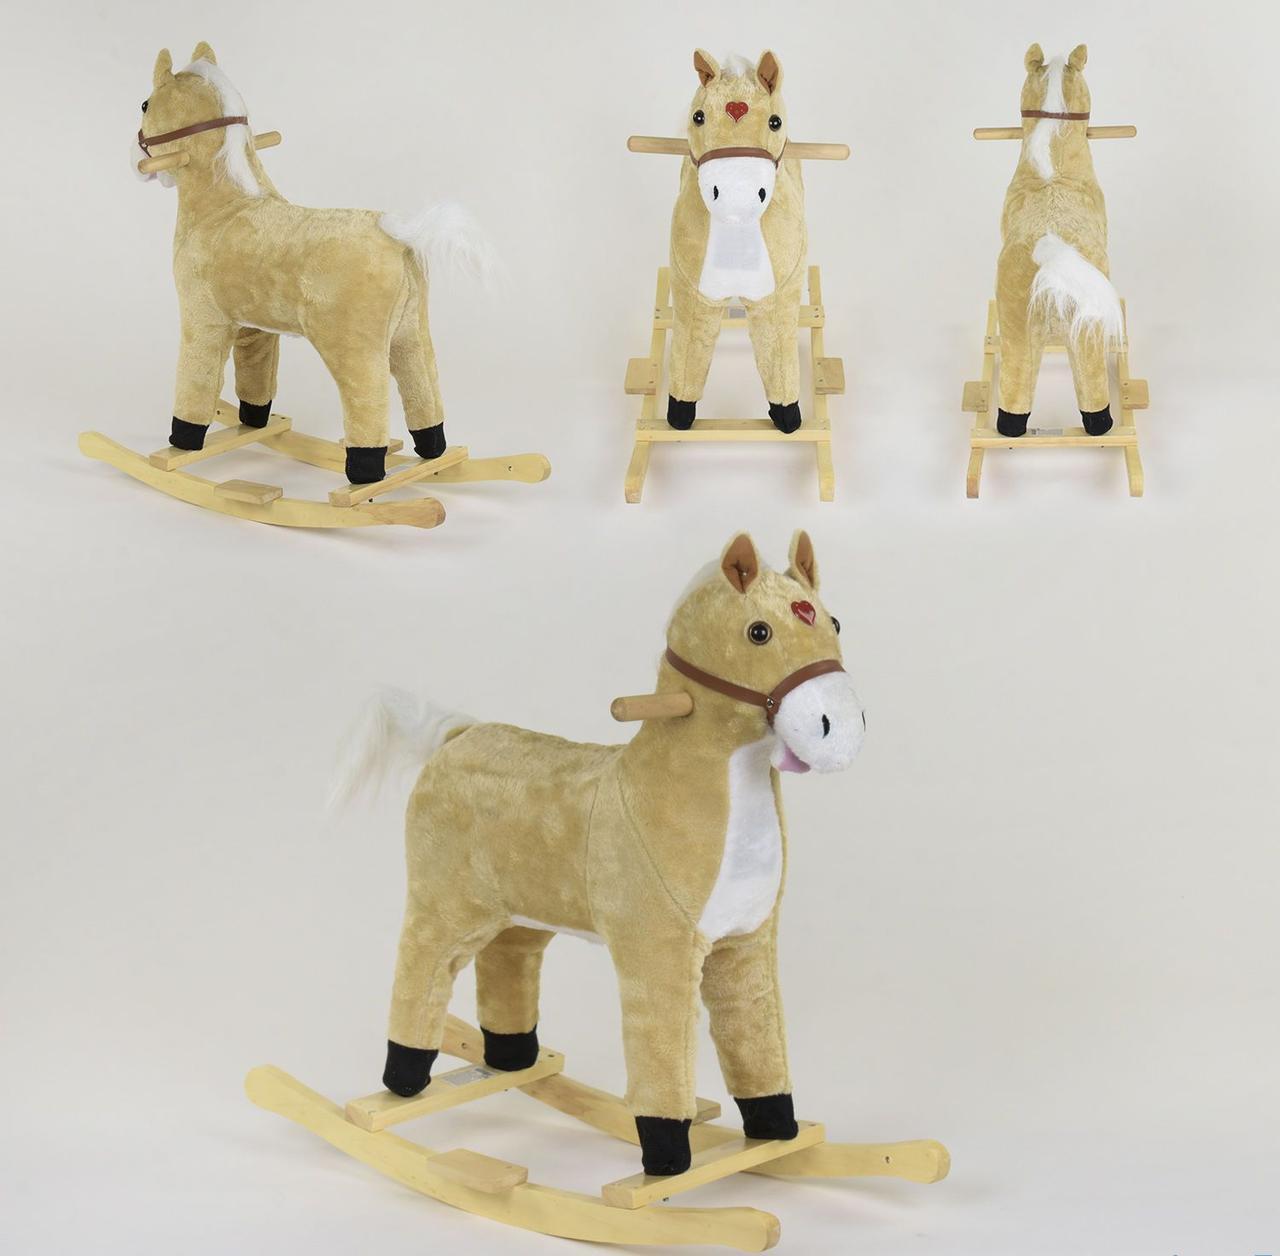 Качалка-лошадка со световыми и звуковыми эффектами, код 06884